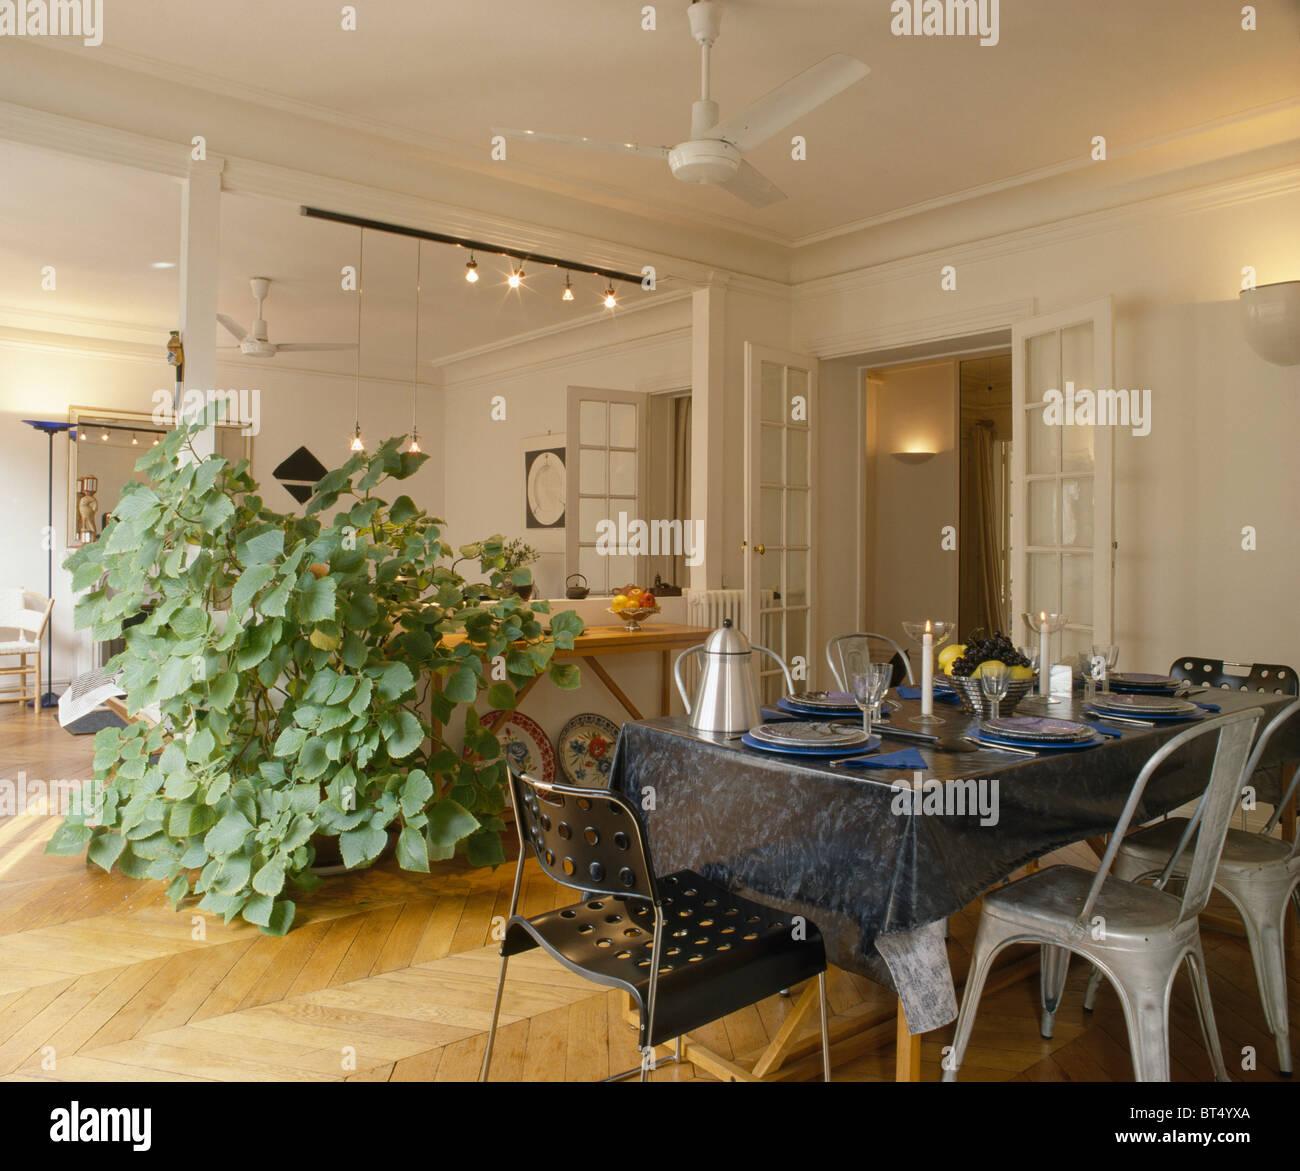 Grosse Zimmerpflanze Neben Grossen Wandspiegel In Wohnung Esszimmer